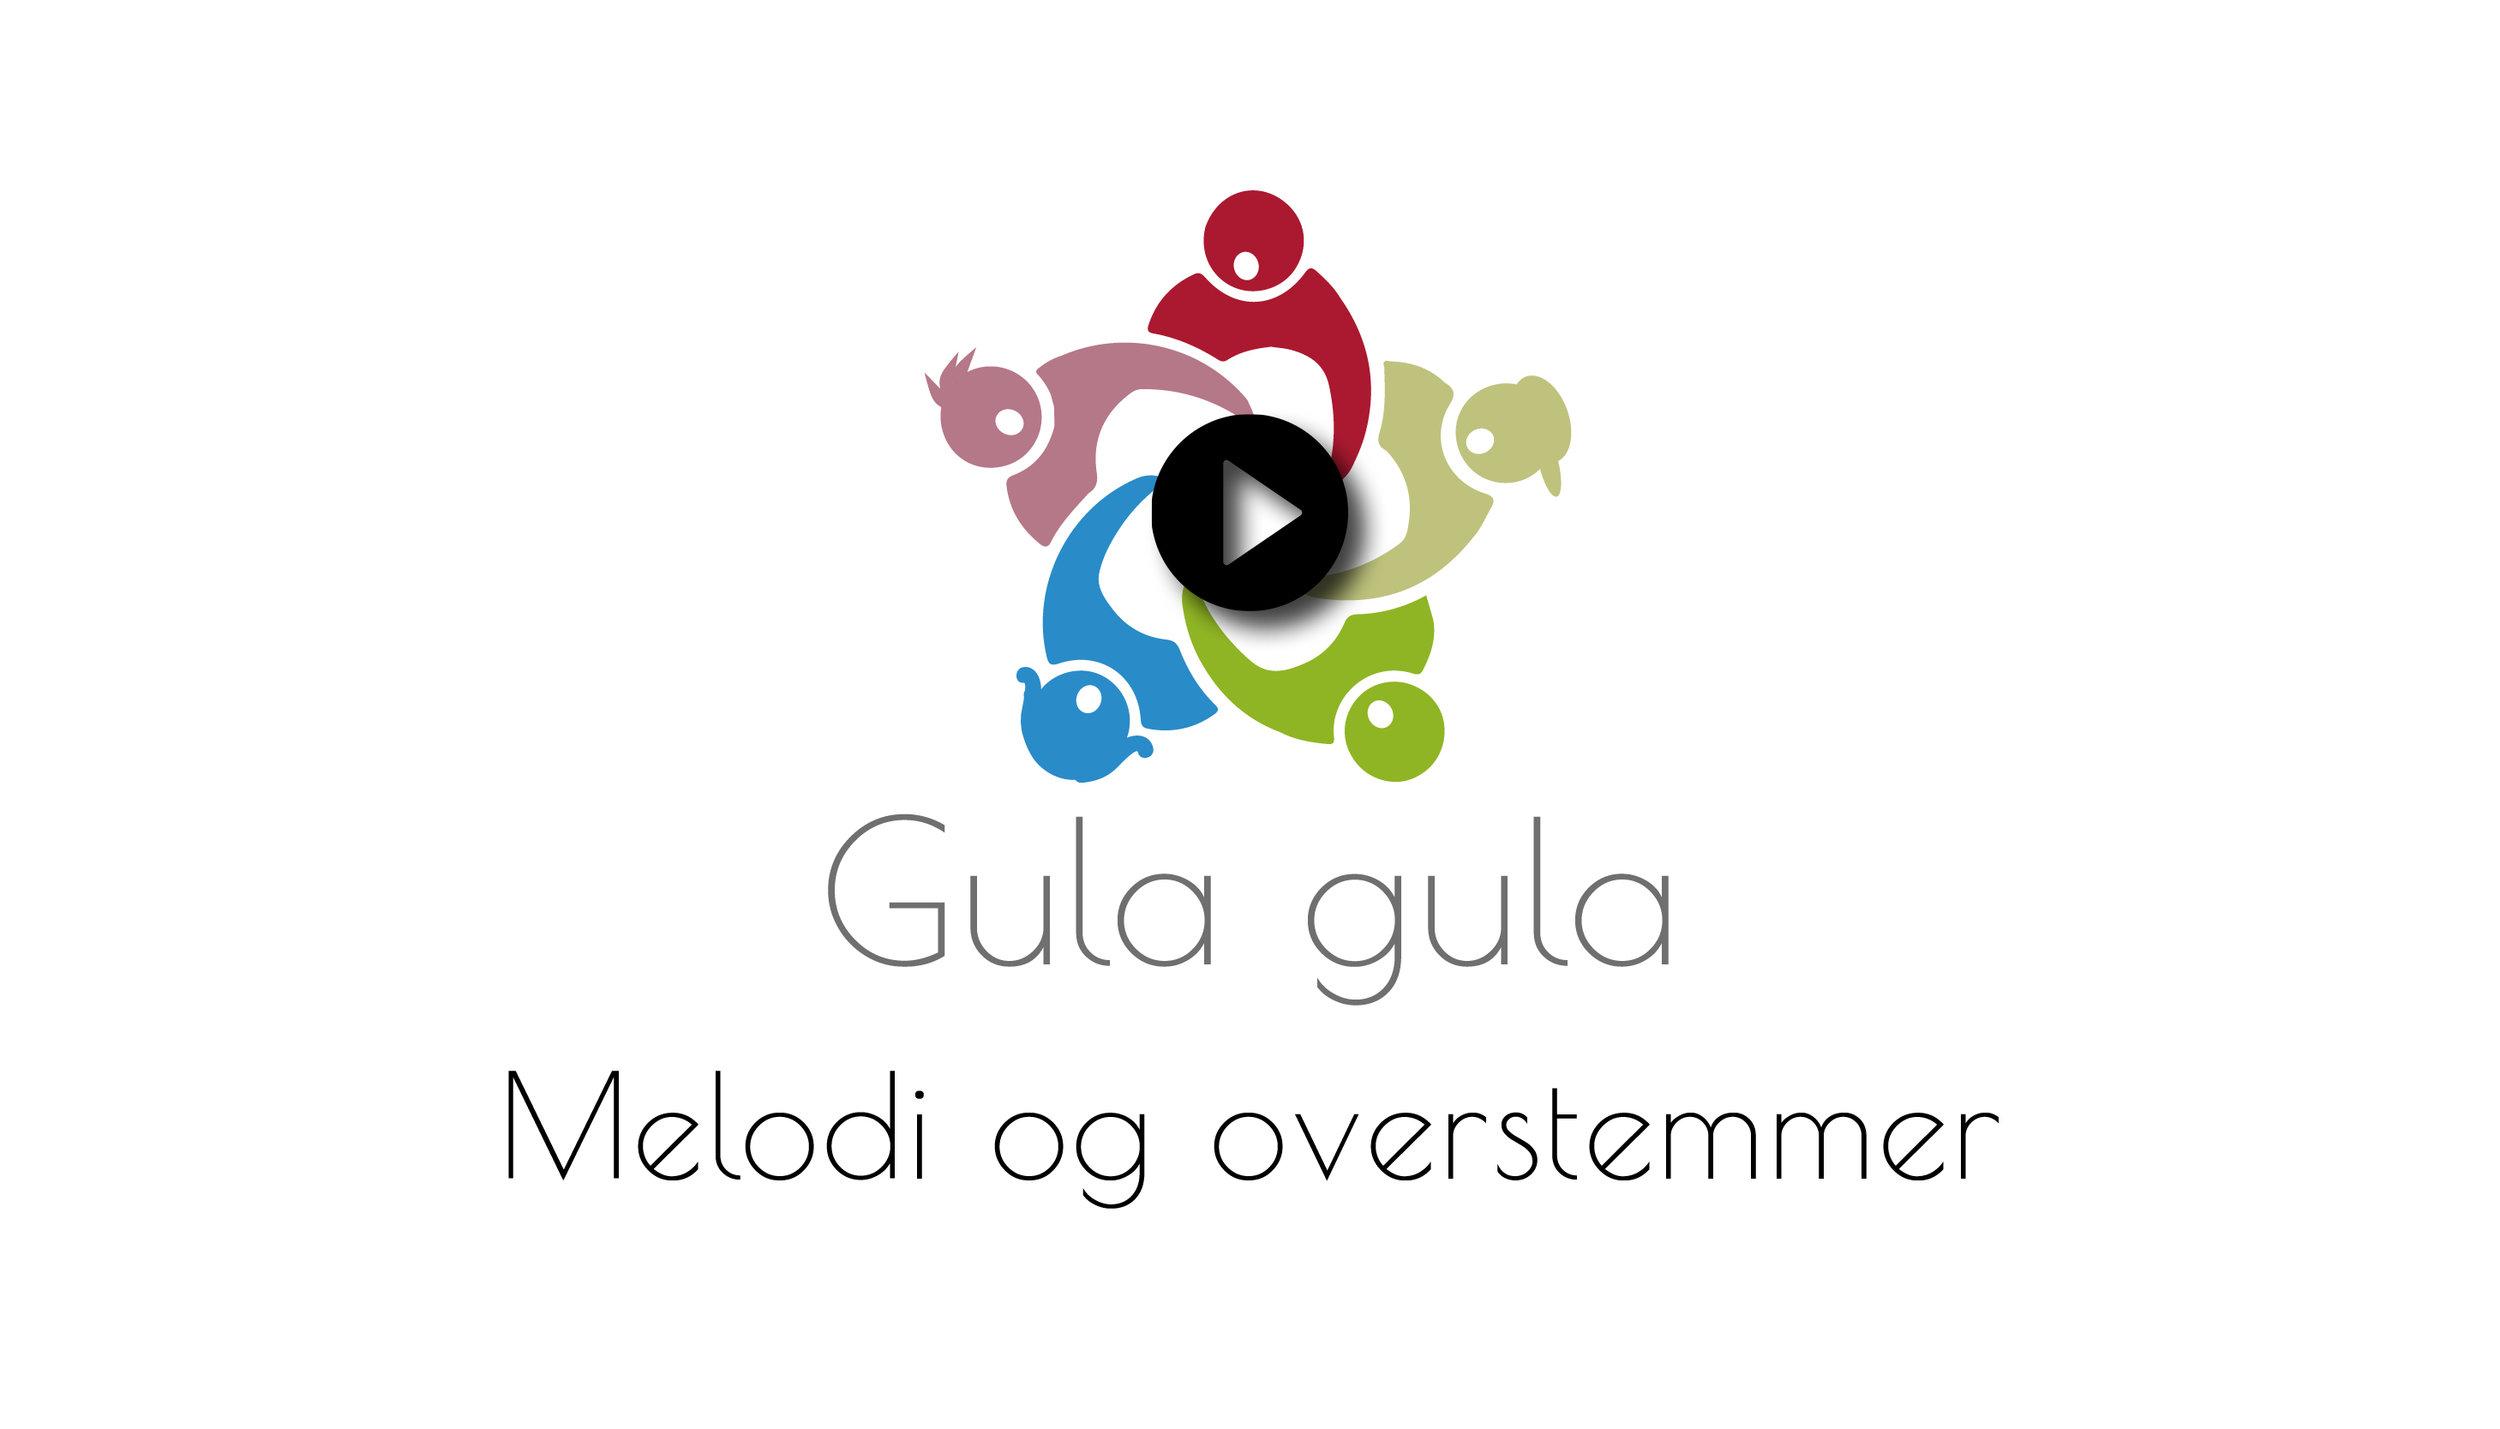 Gula gula - Melodi og overstemmer PLAY.jpg